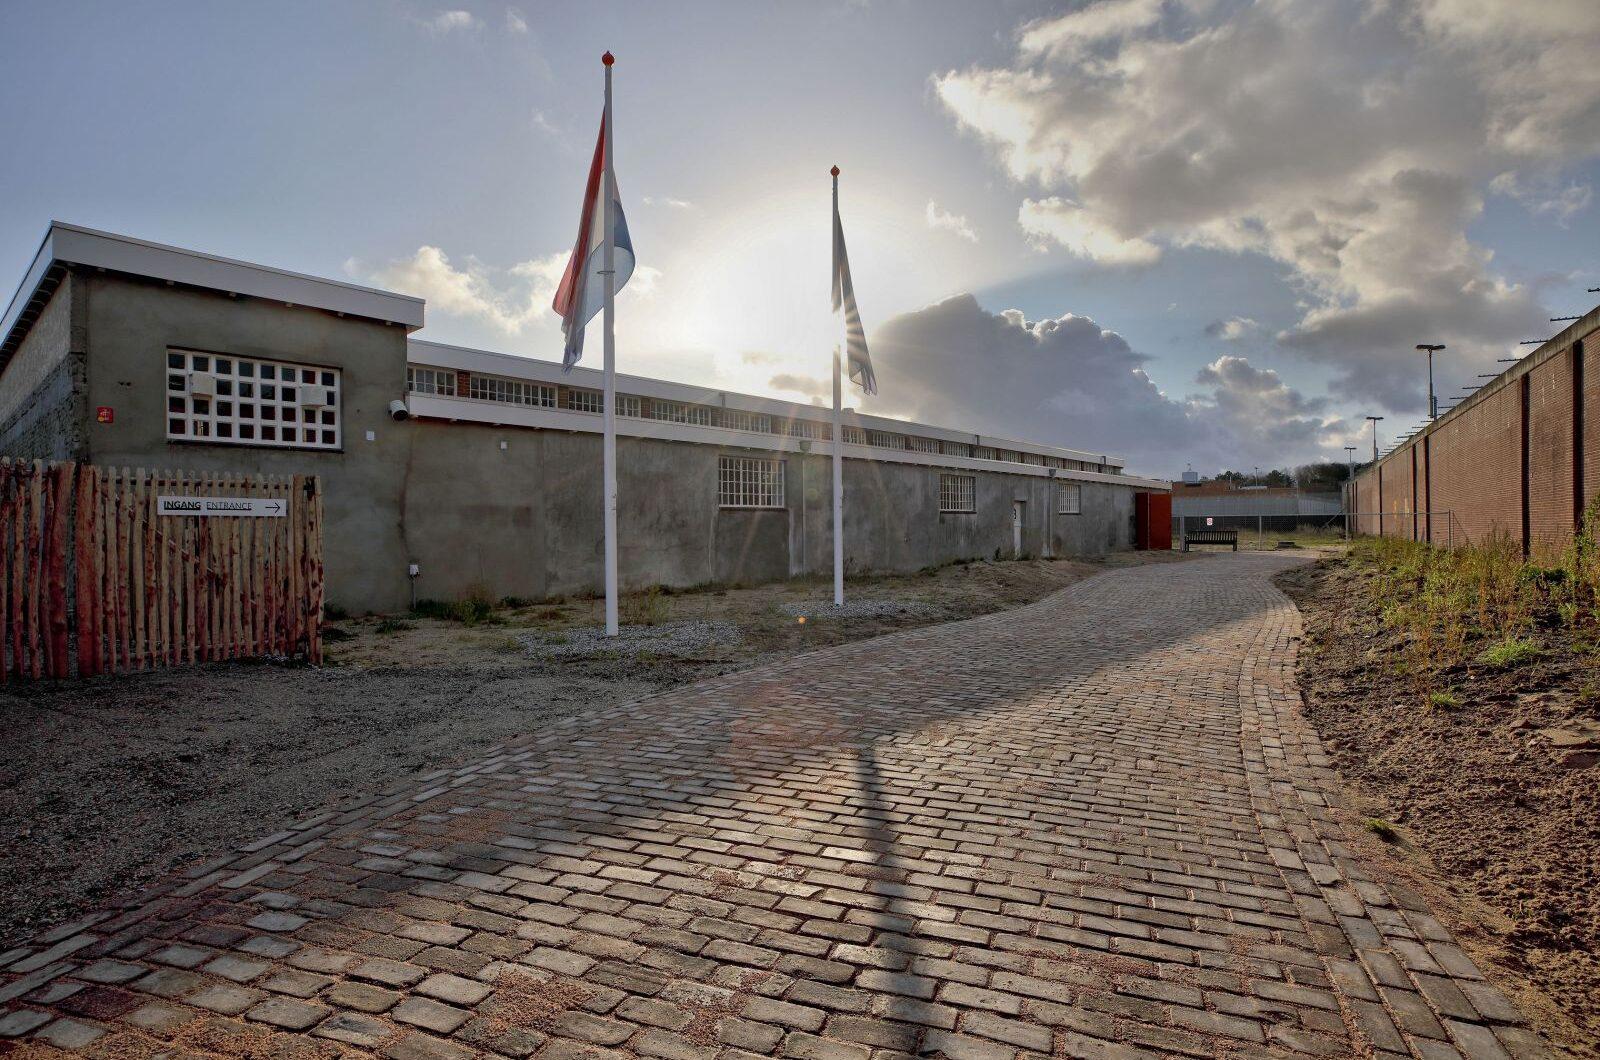 Scheveningen, 'Oranjehotel'